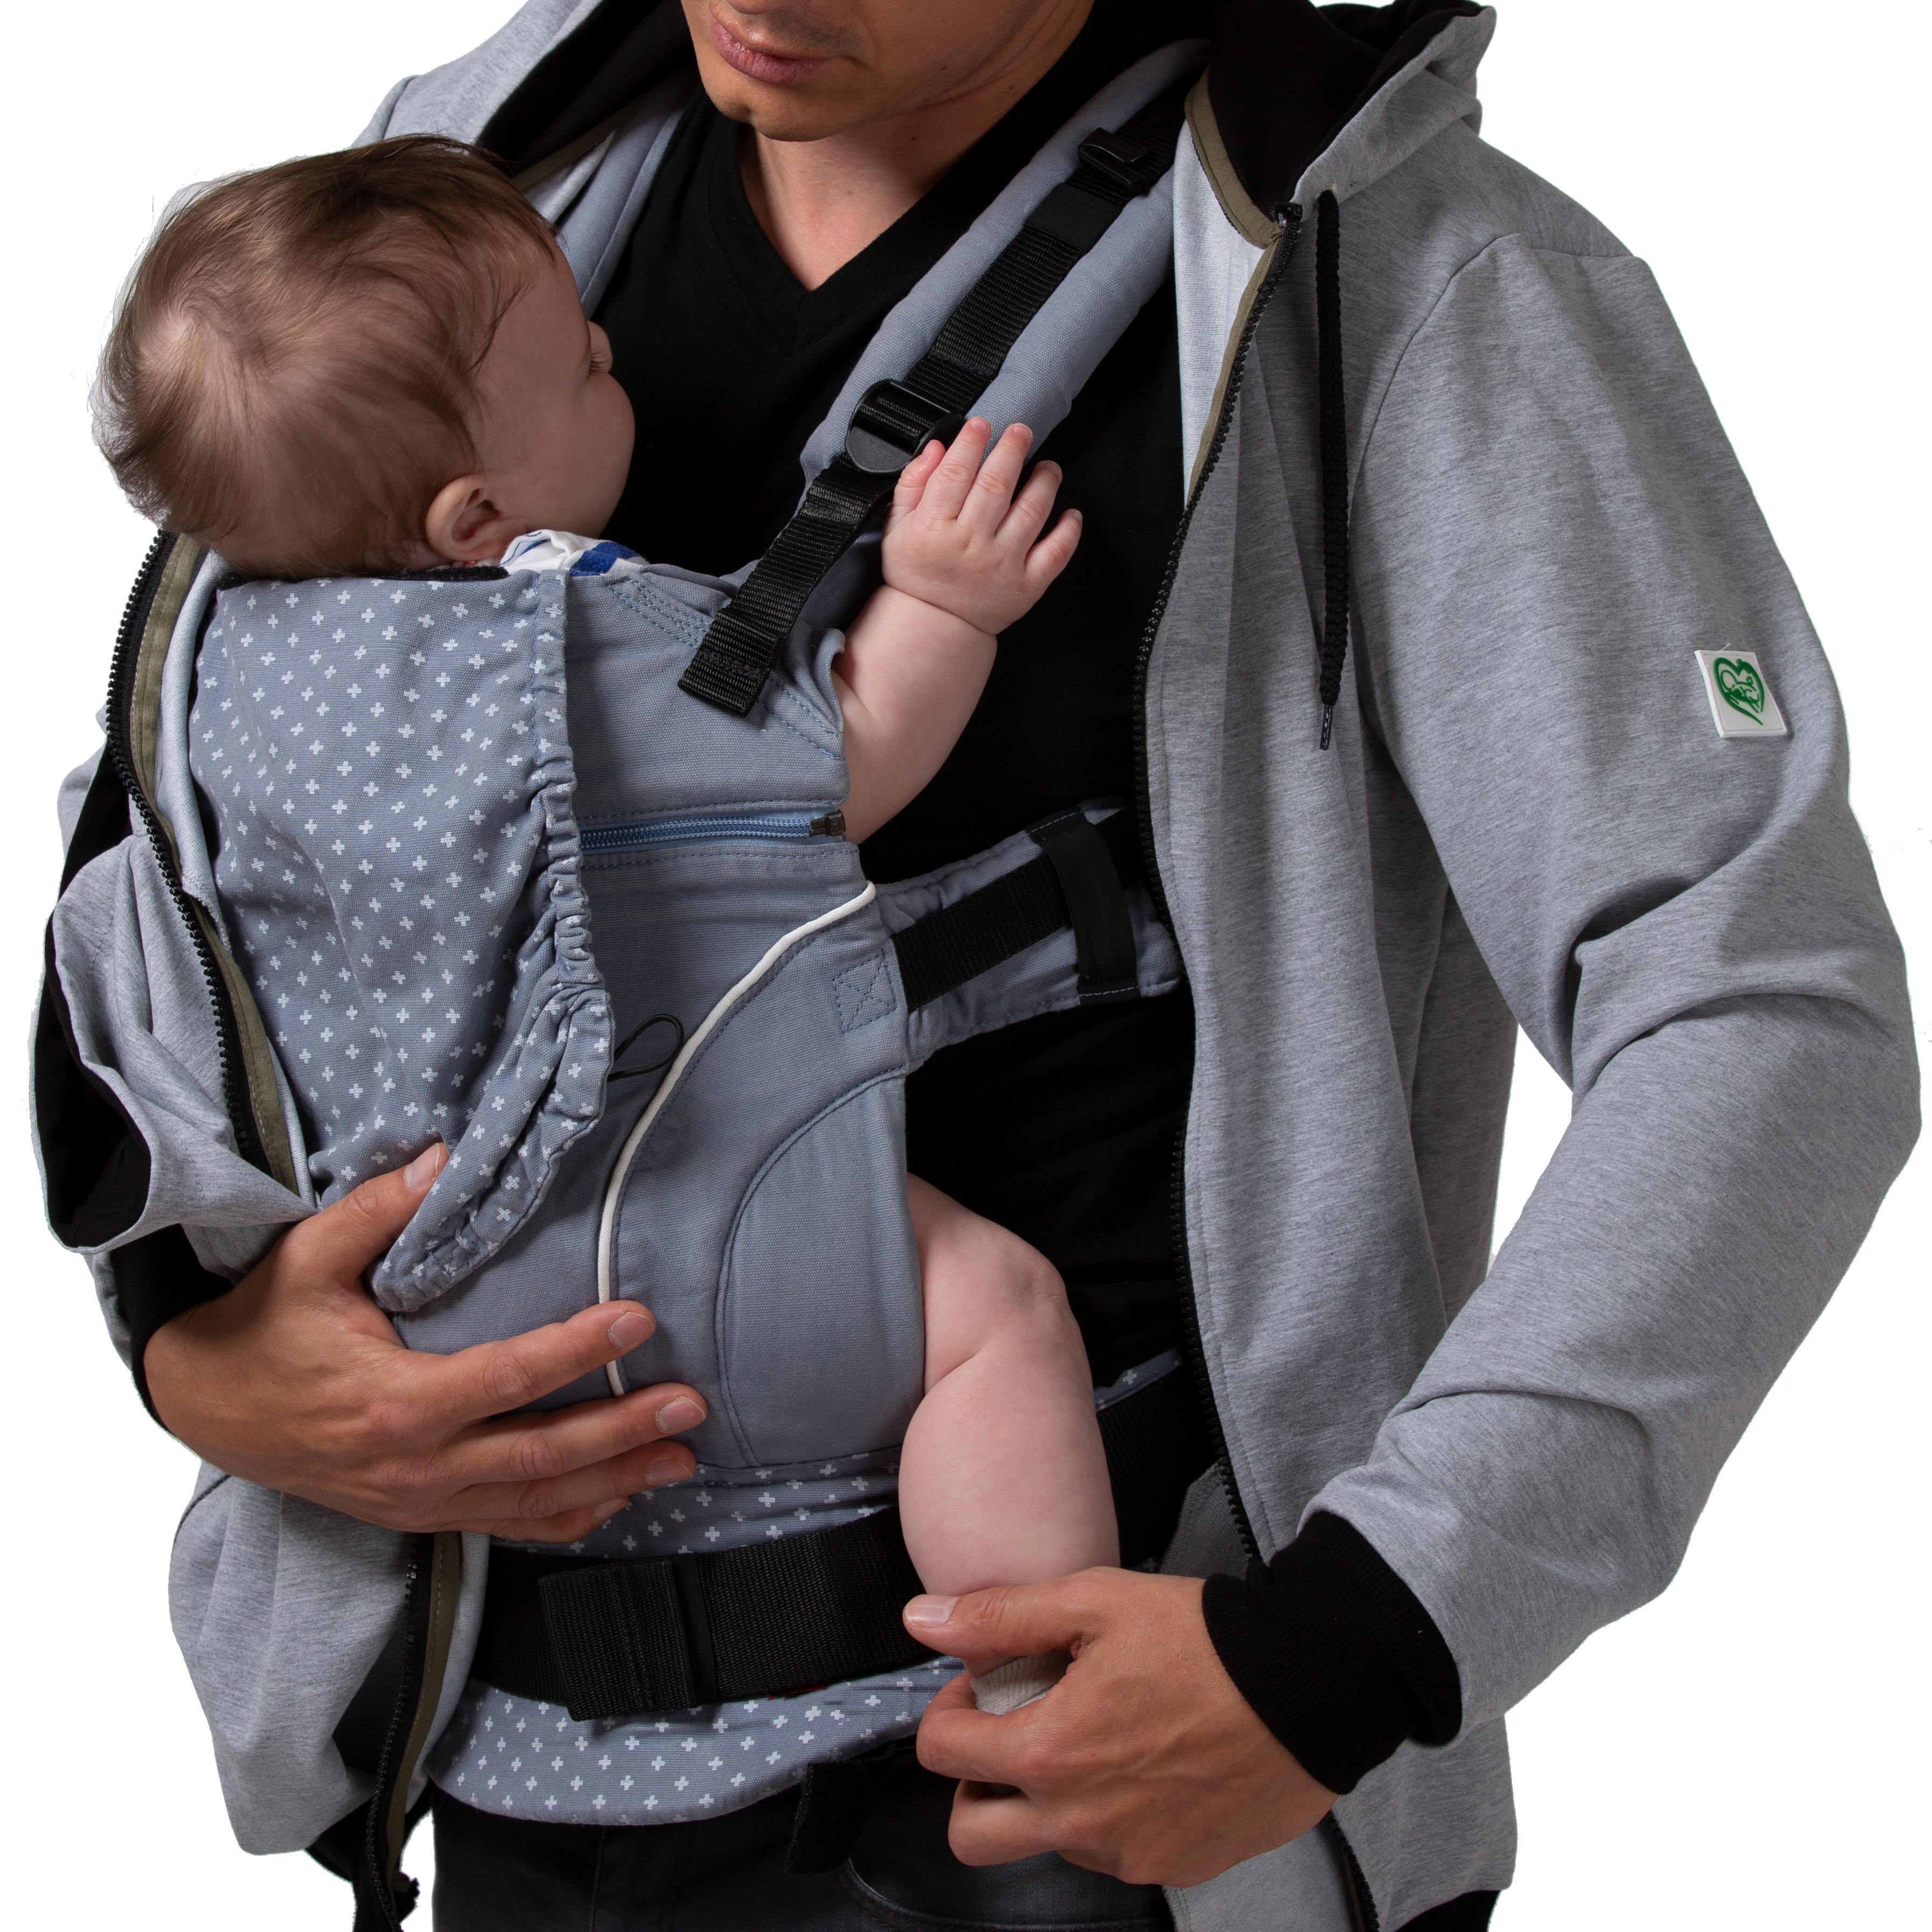 Kleidung & Accessoires Stillmode 100% QualitäT 3in1-jacke/pulli+umstandsshirt+tragejacke*tragepulli Für Tragetuch Loo Be Mama Produkte Werden Ohne EinschräNkungen Verkauft